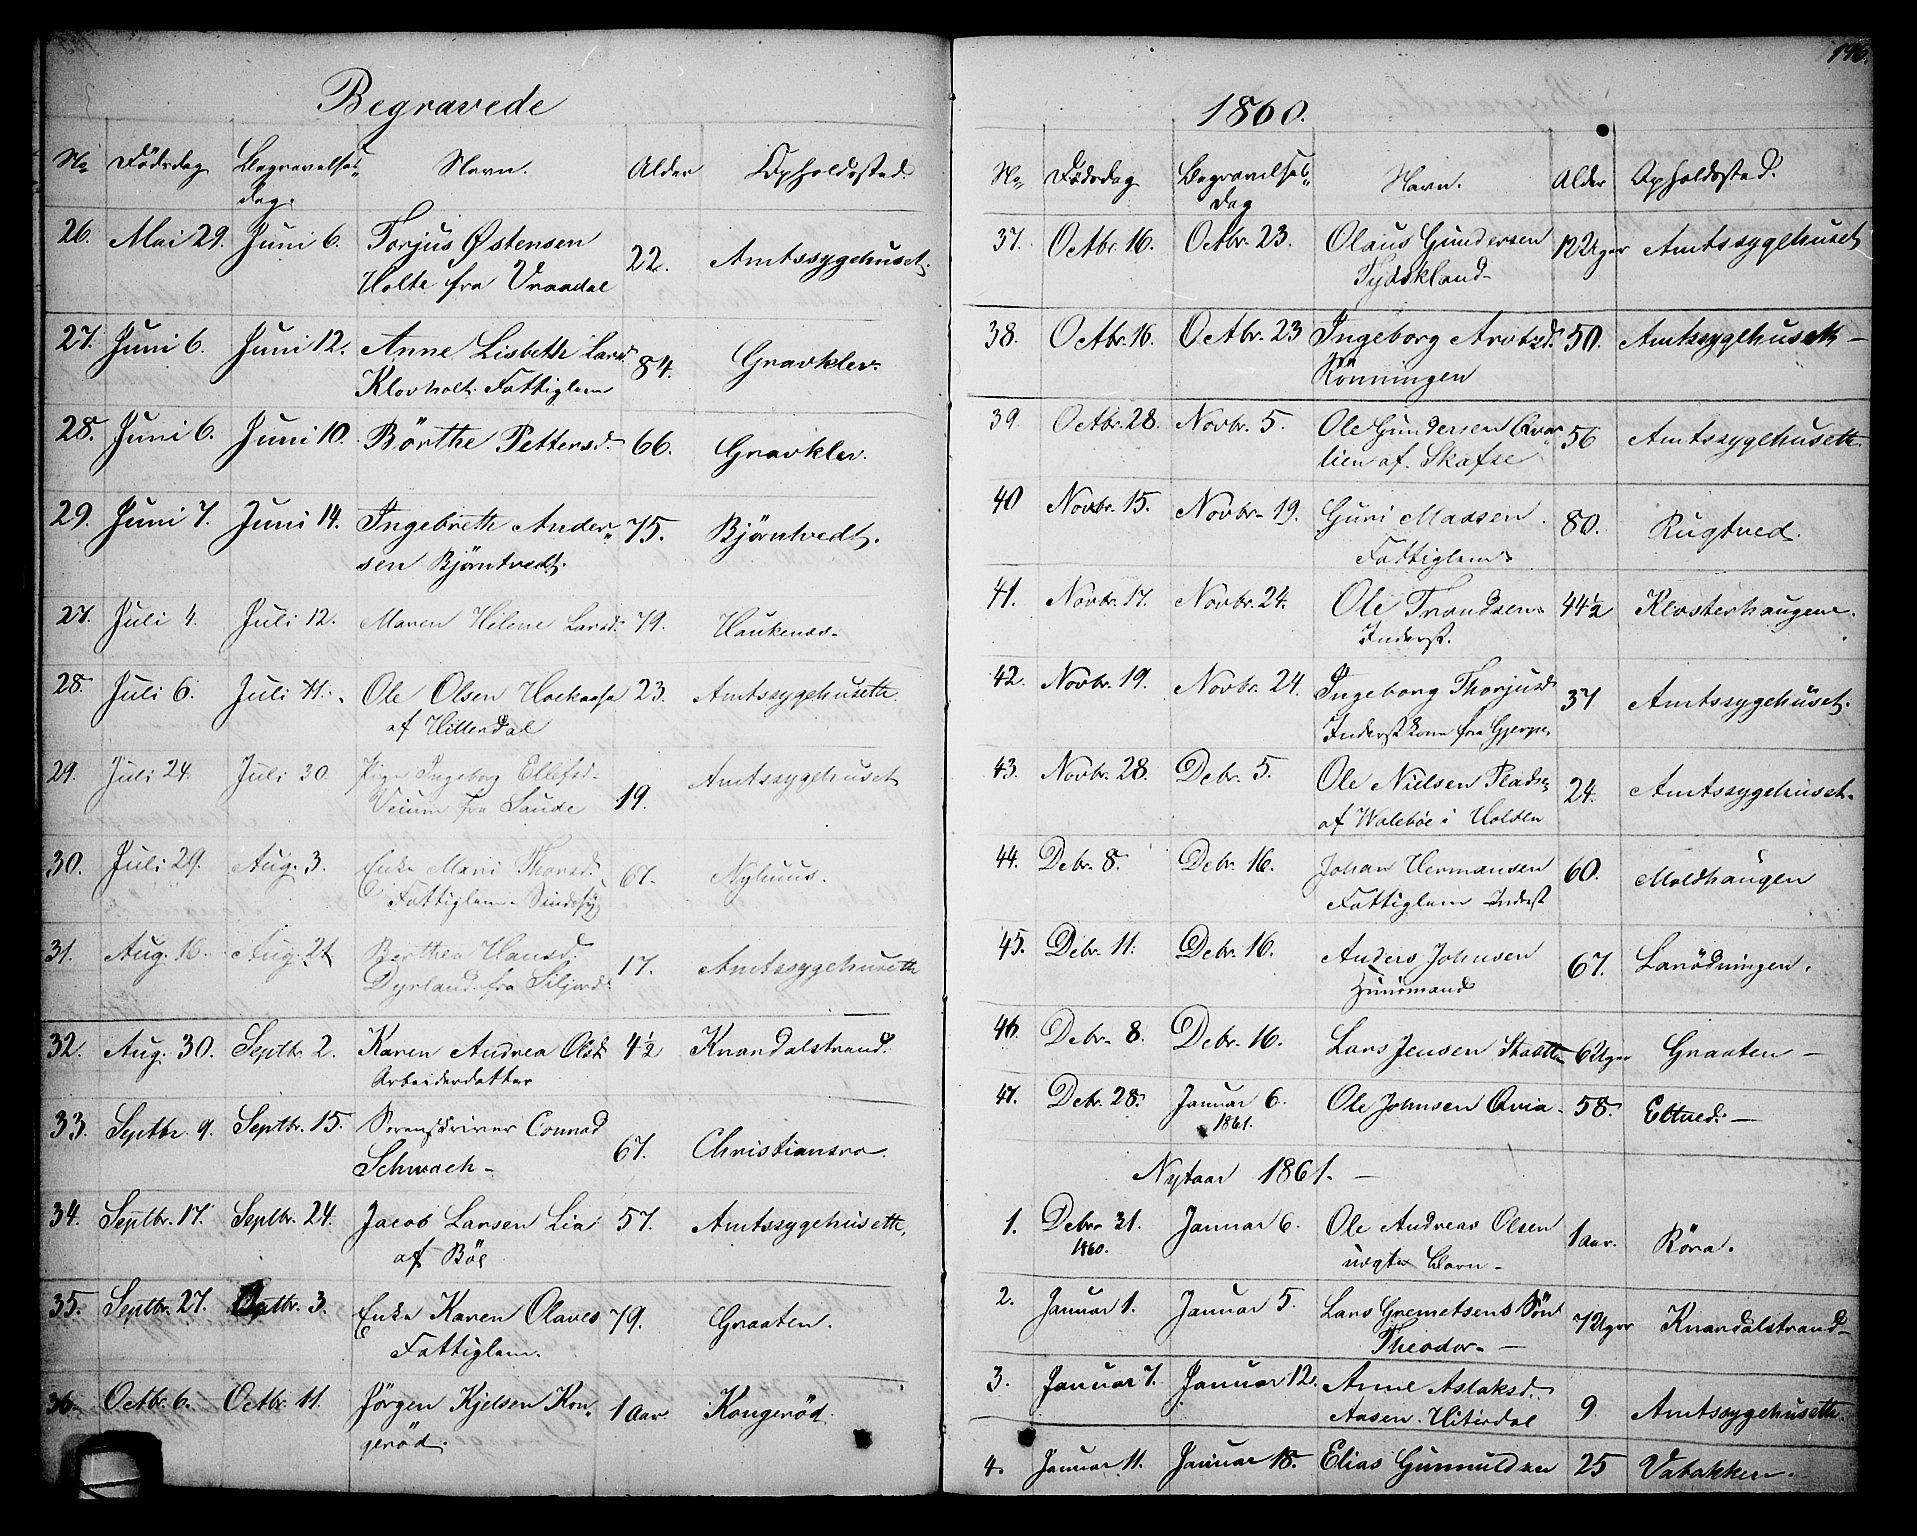 SAKO, Solum kirkebøker, G/Ga/L0004: Klokkerbok nr. I 4, 1859-1876, s. 196